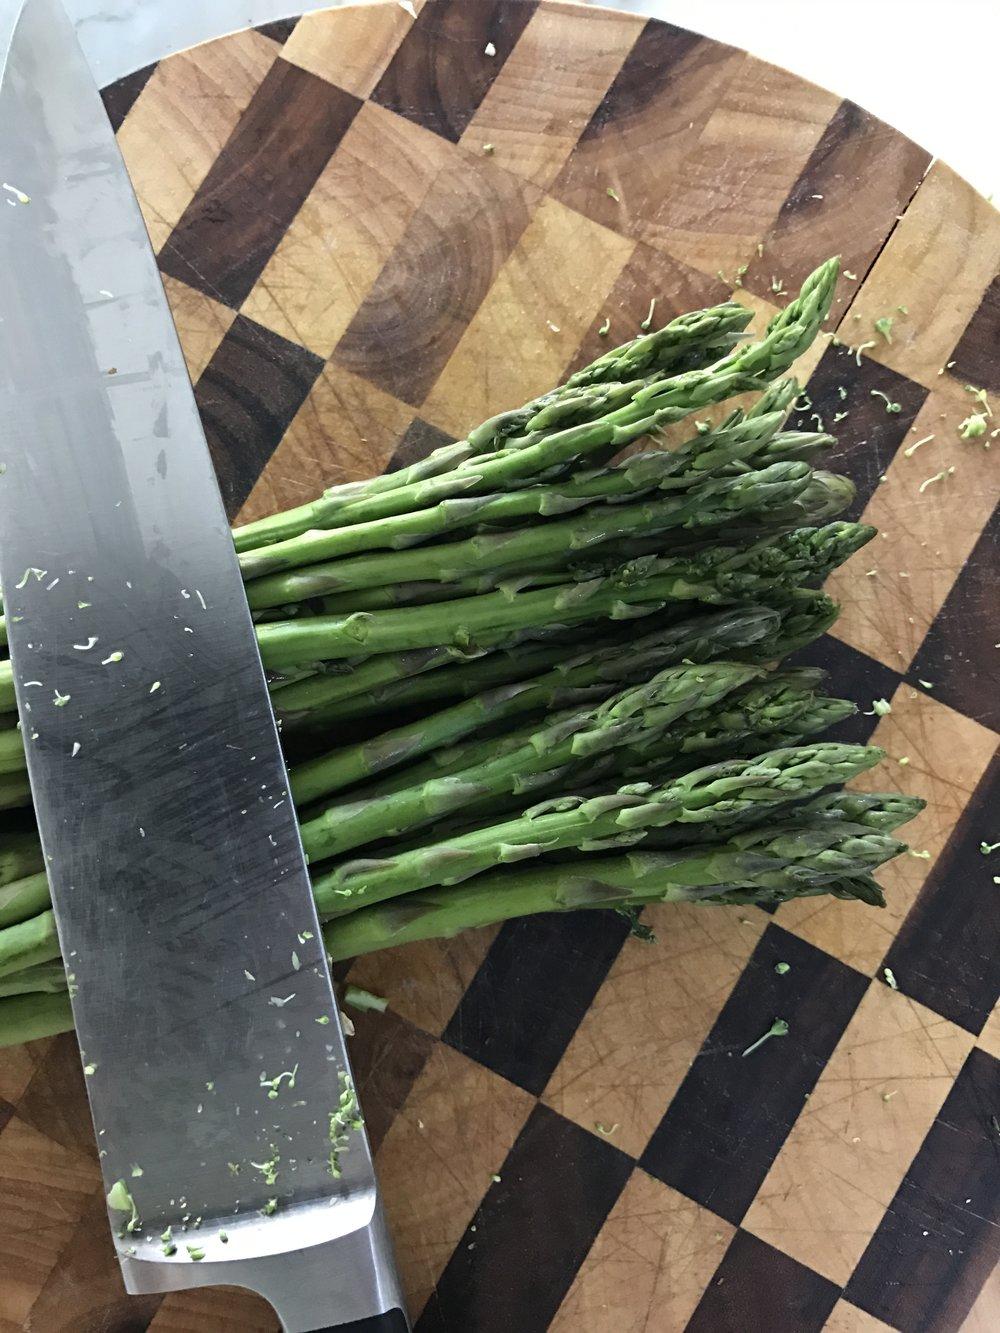 Chop up the asparagus